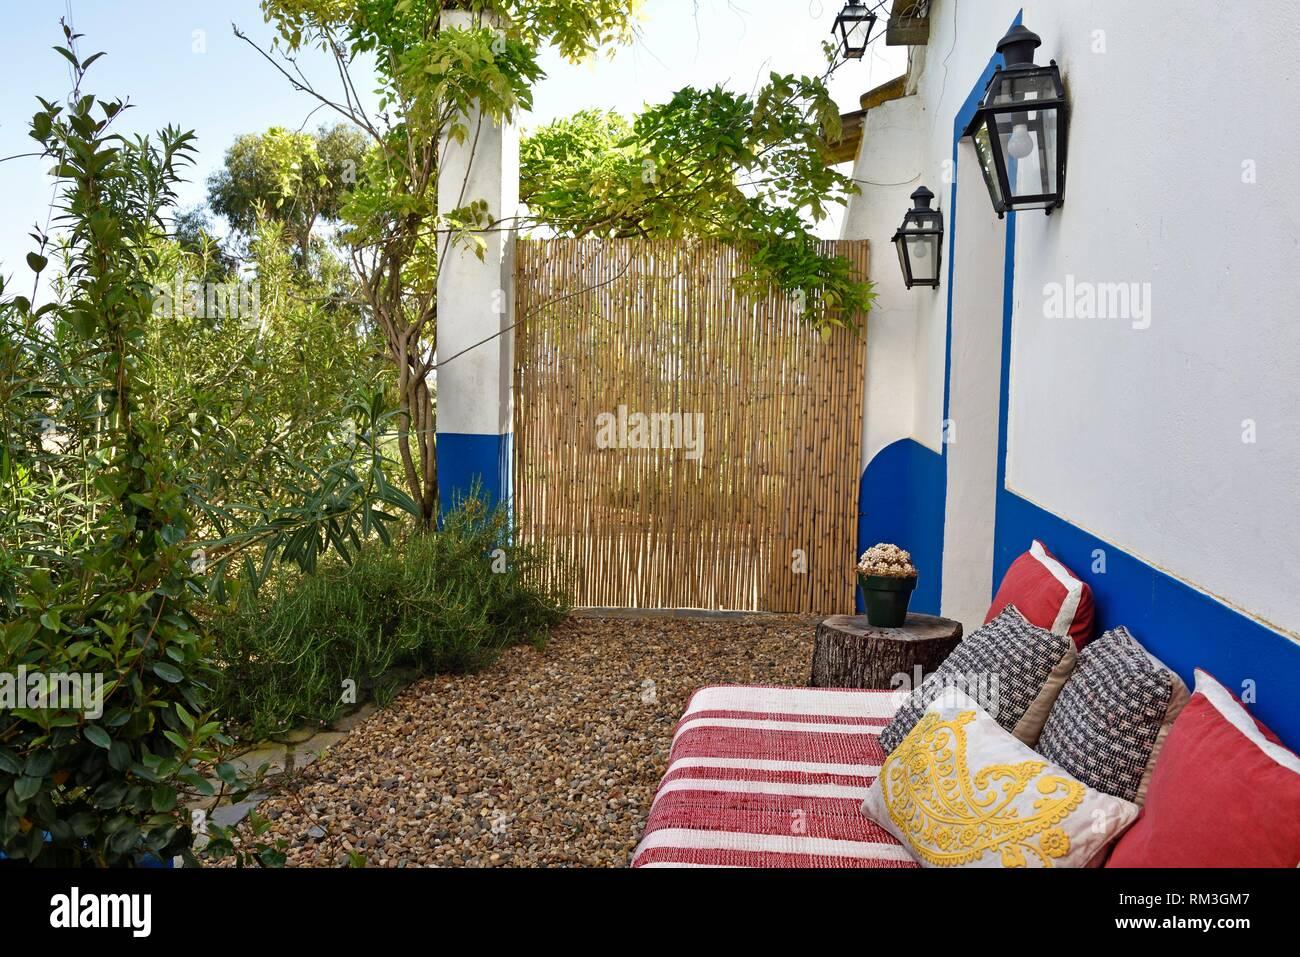 Salón exterior, Vale do Manantio Estate, Moura, Alentejo, Portugal, Europa southwertern. Imagen De Stock